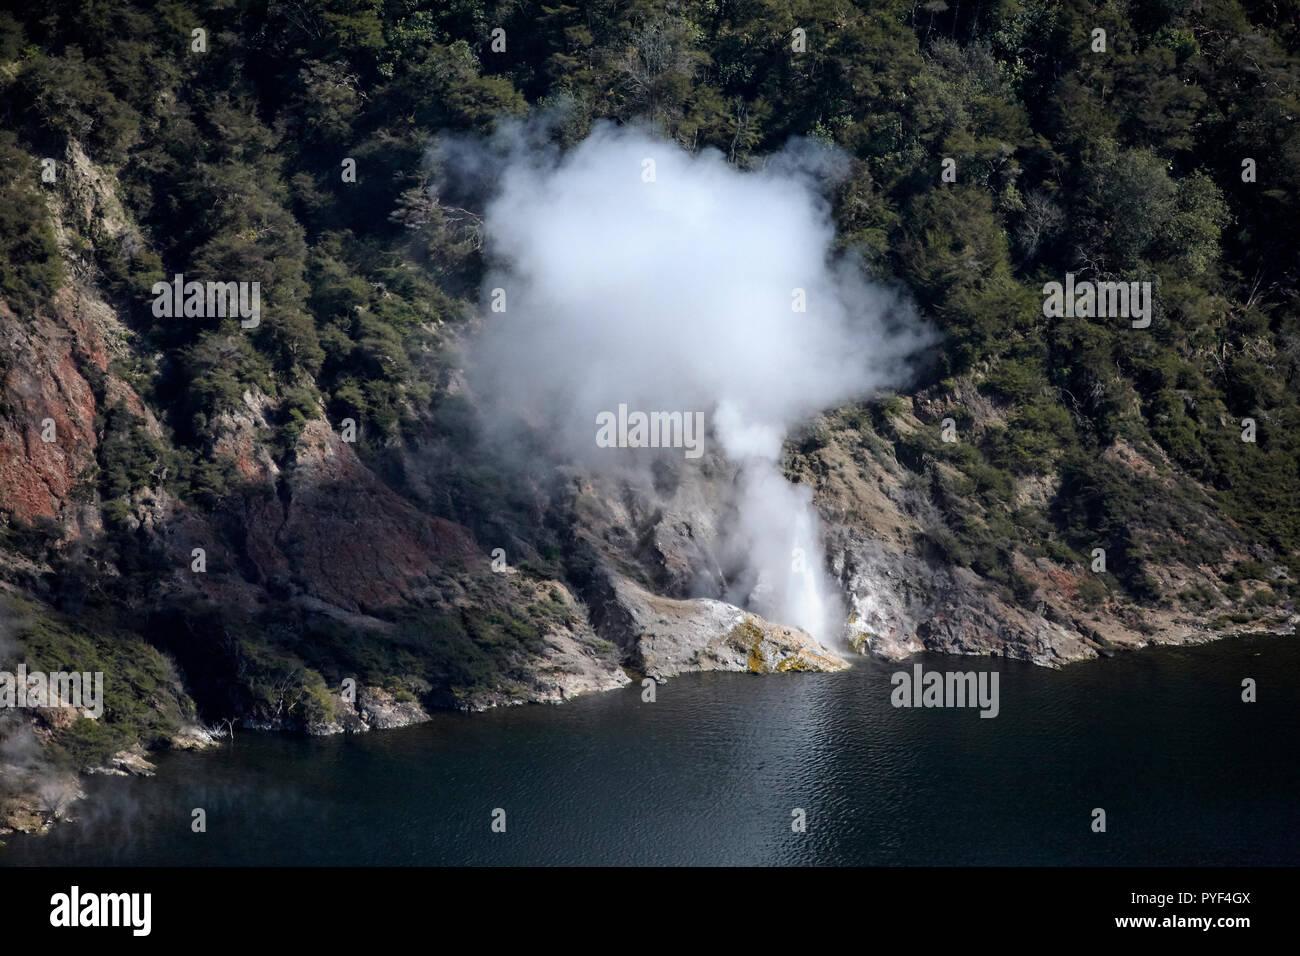 Steaming Ciffs, Lake Rotomahana, near Rotorua, North Island, New Zealand - aerial - Stock Image